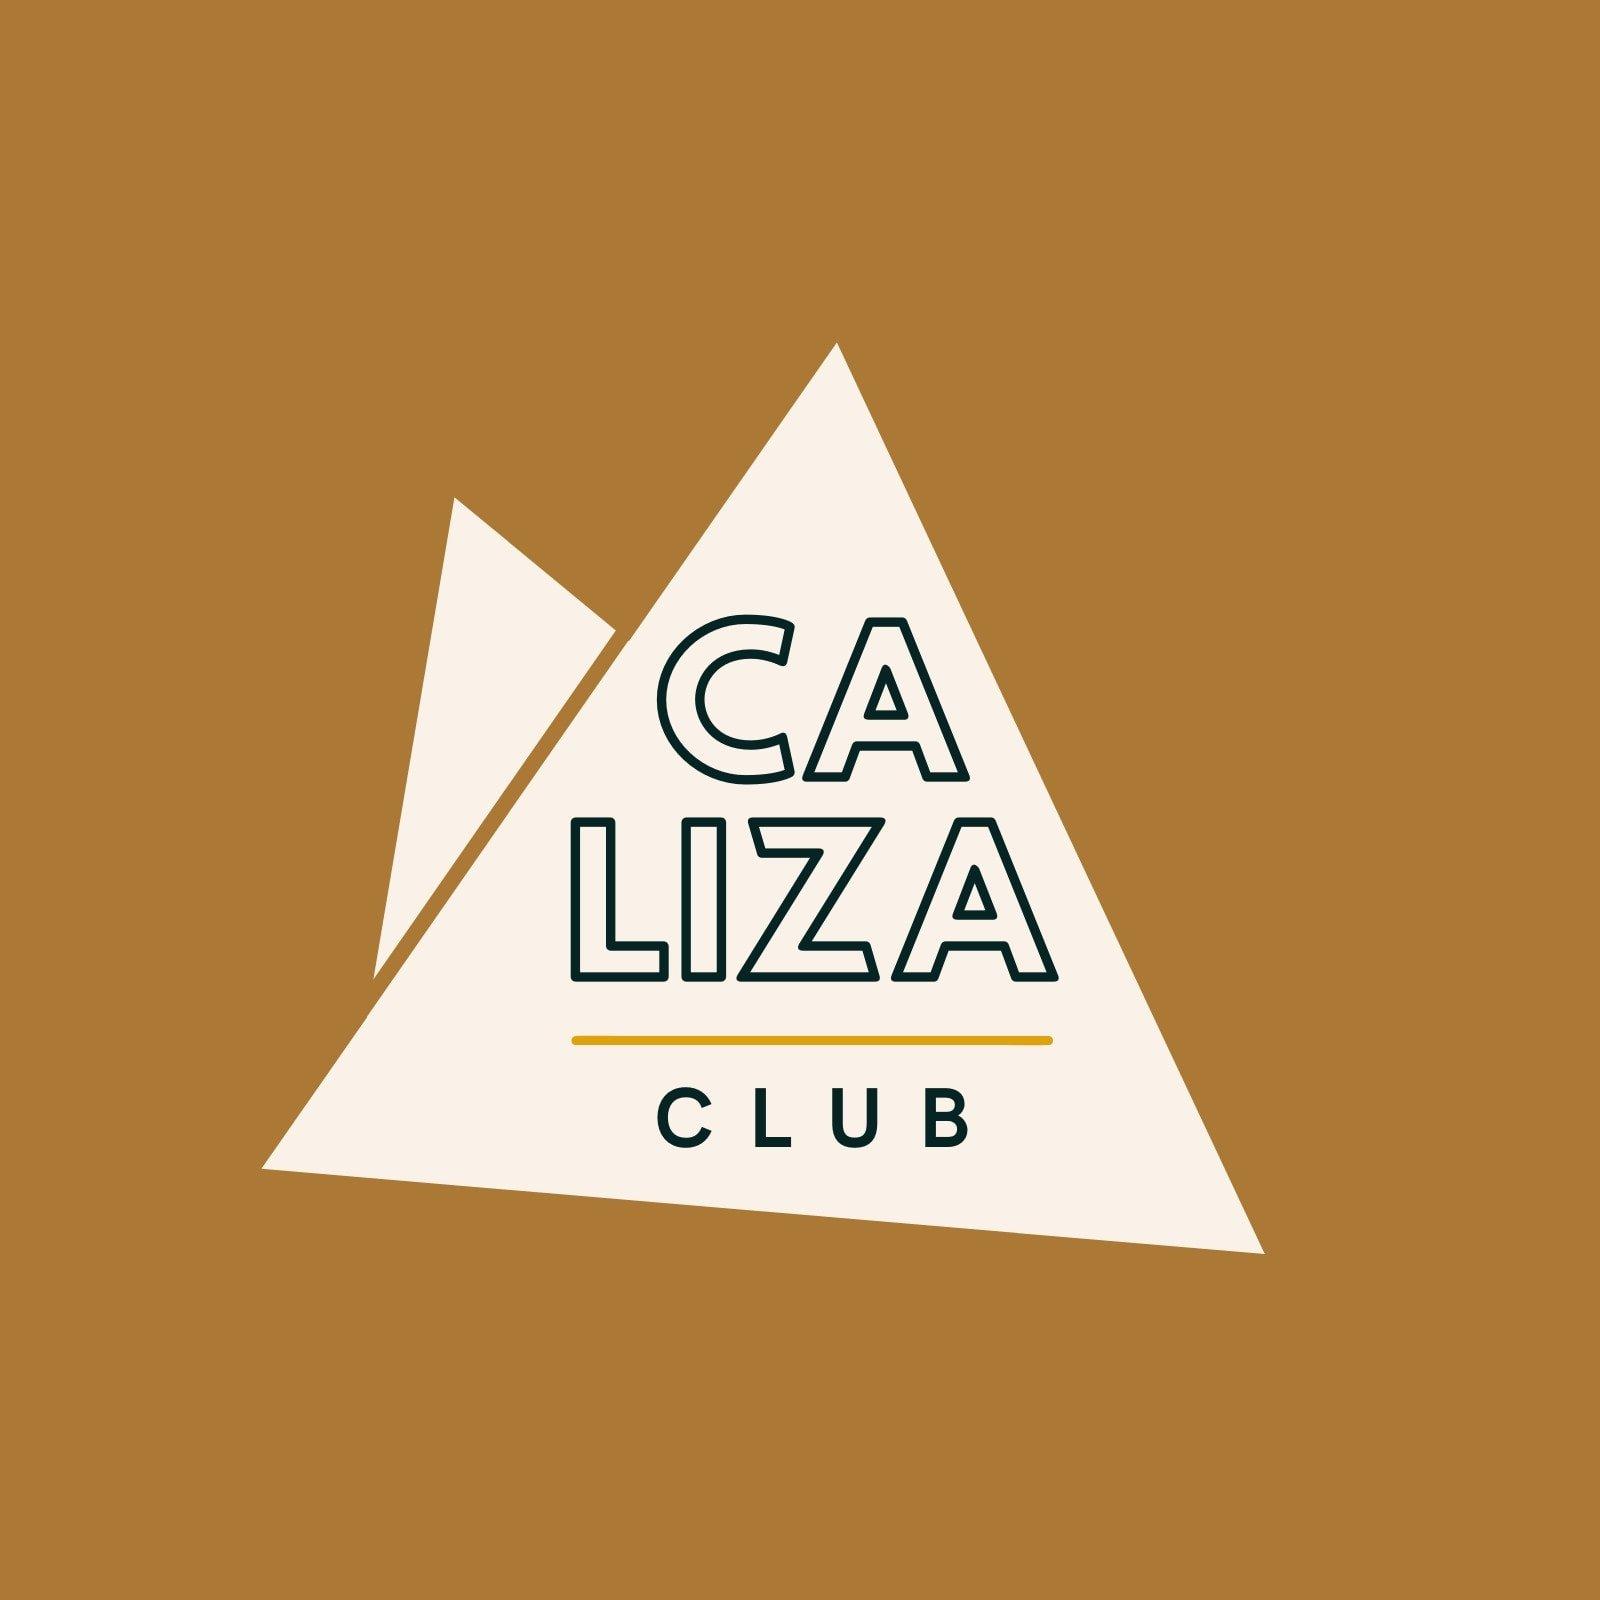 Logo ilustrado de club de escalada, texto dentro de triángulos beige superpuestos simulando montañas sobre fondo jengibre